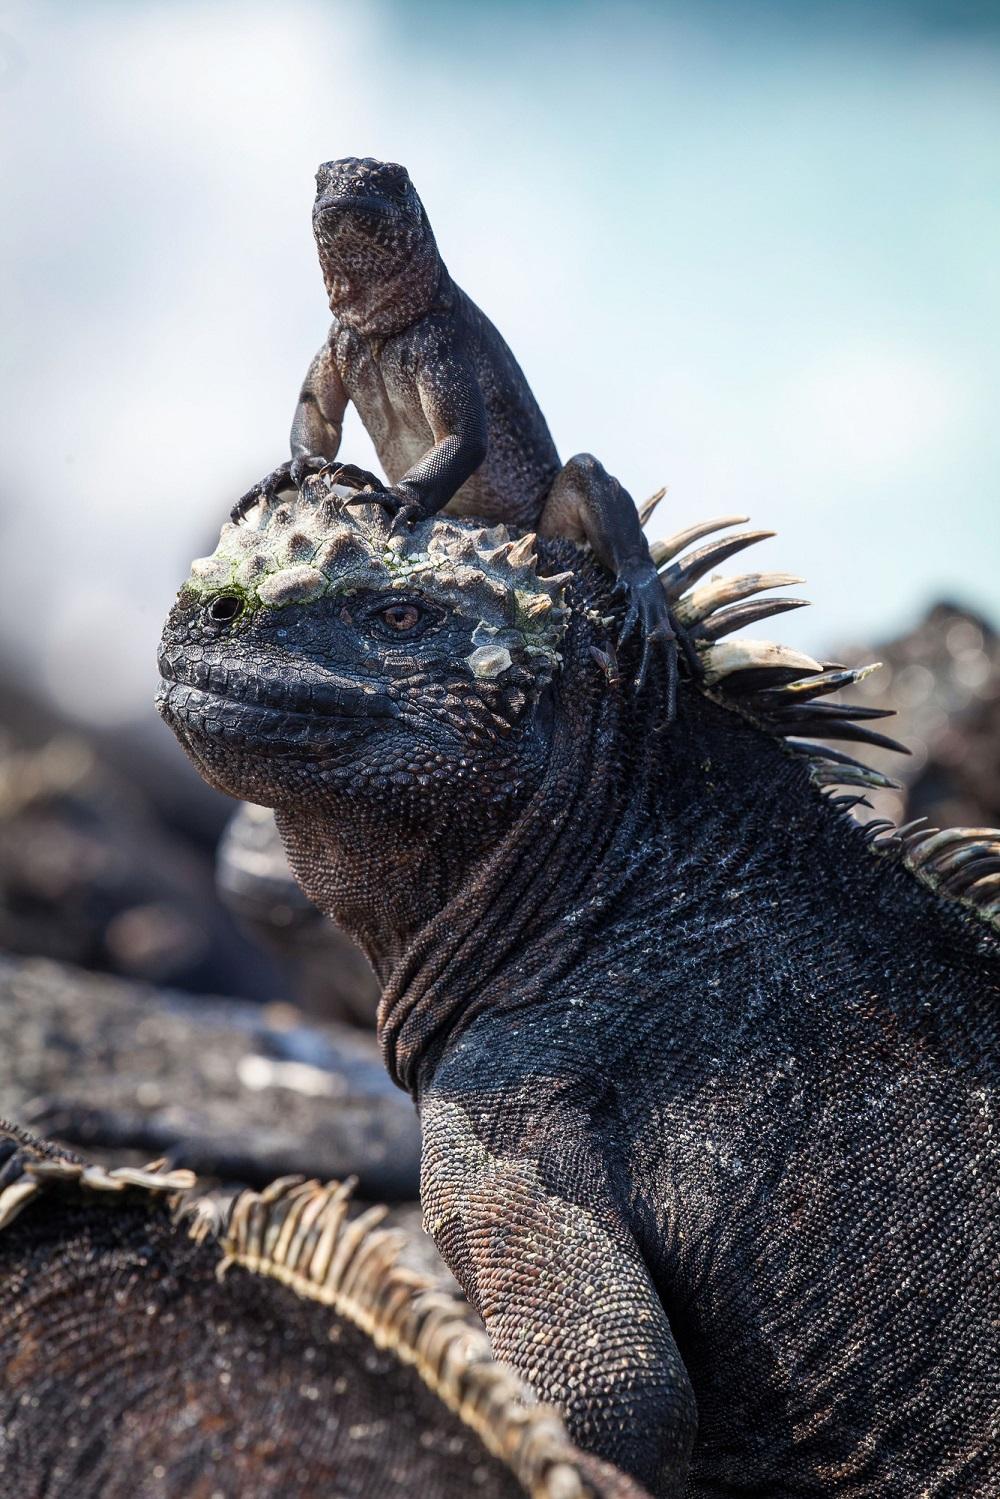 A hatchling marine iguana